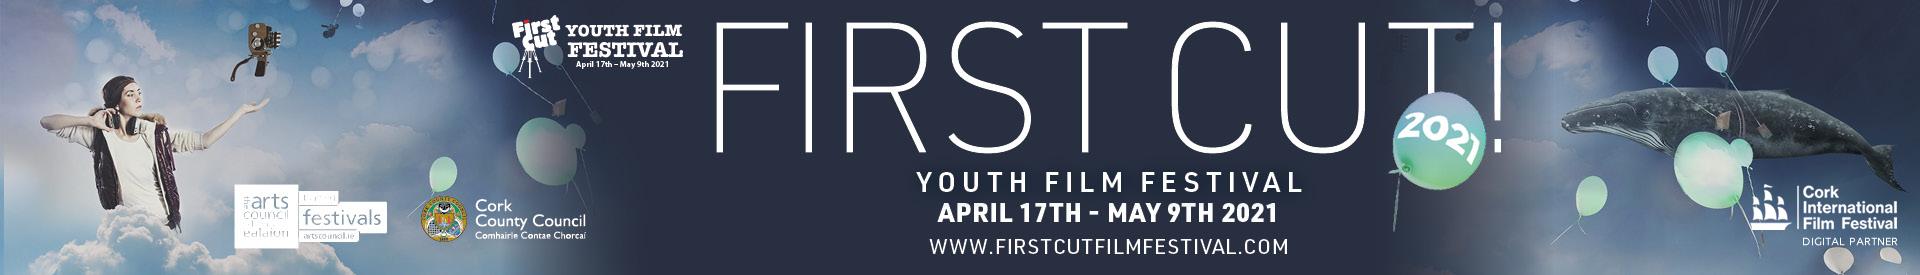 First Cut! Youth Film Festival 2021